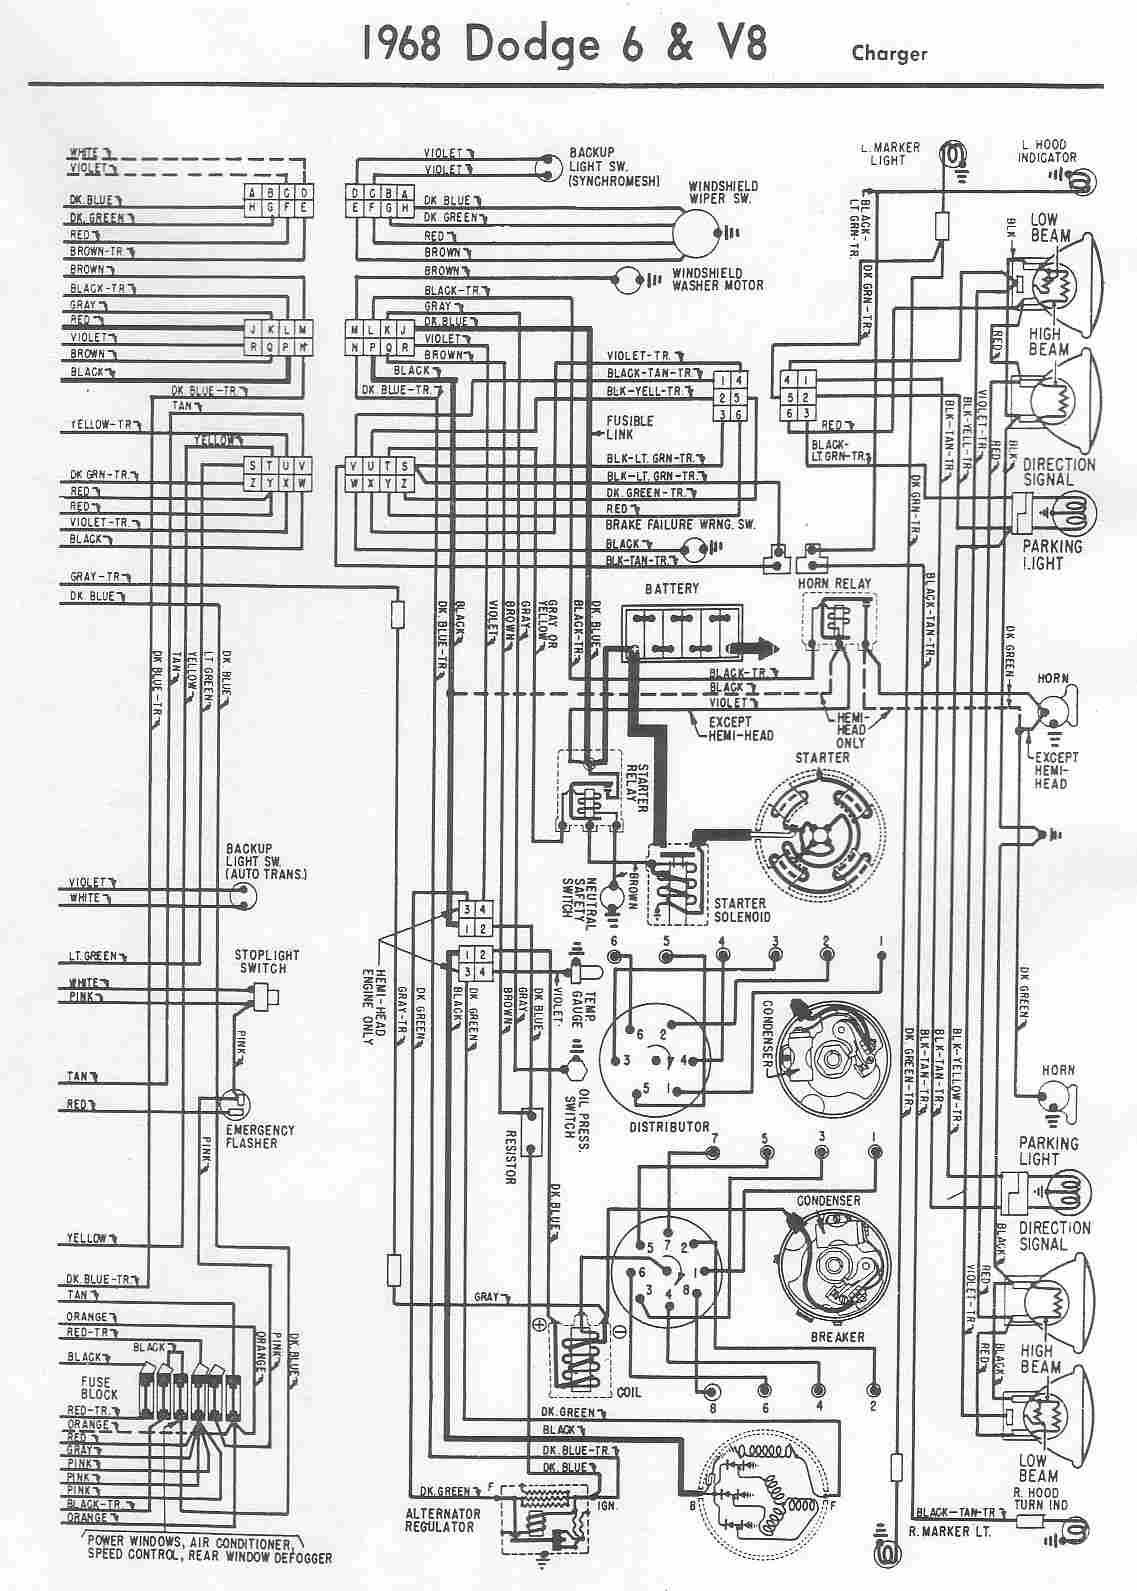 2008 Chrysler 300 Radio Wiring Diagram